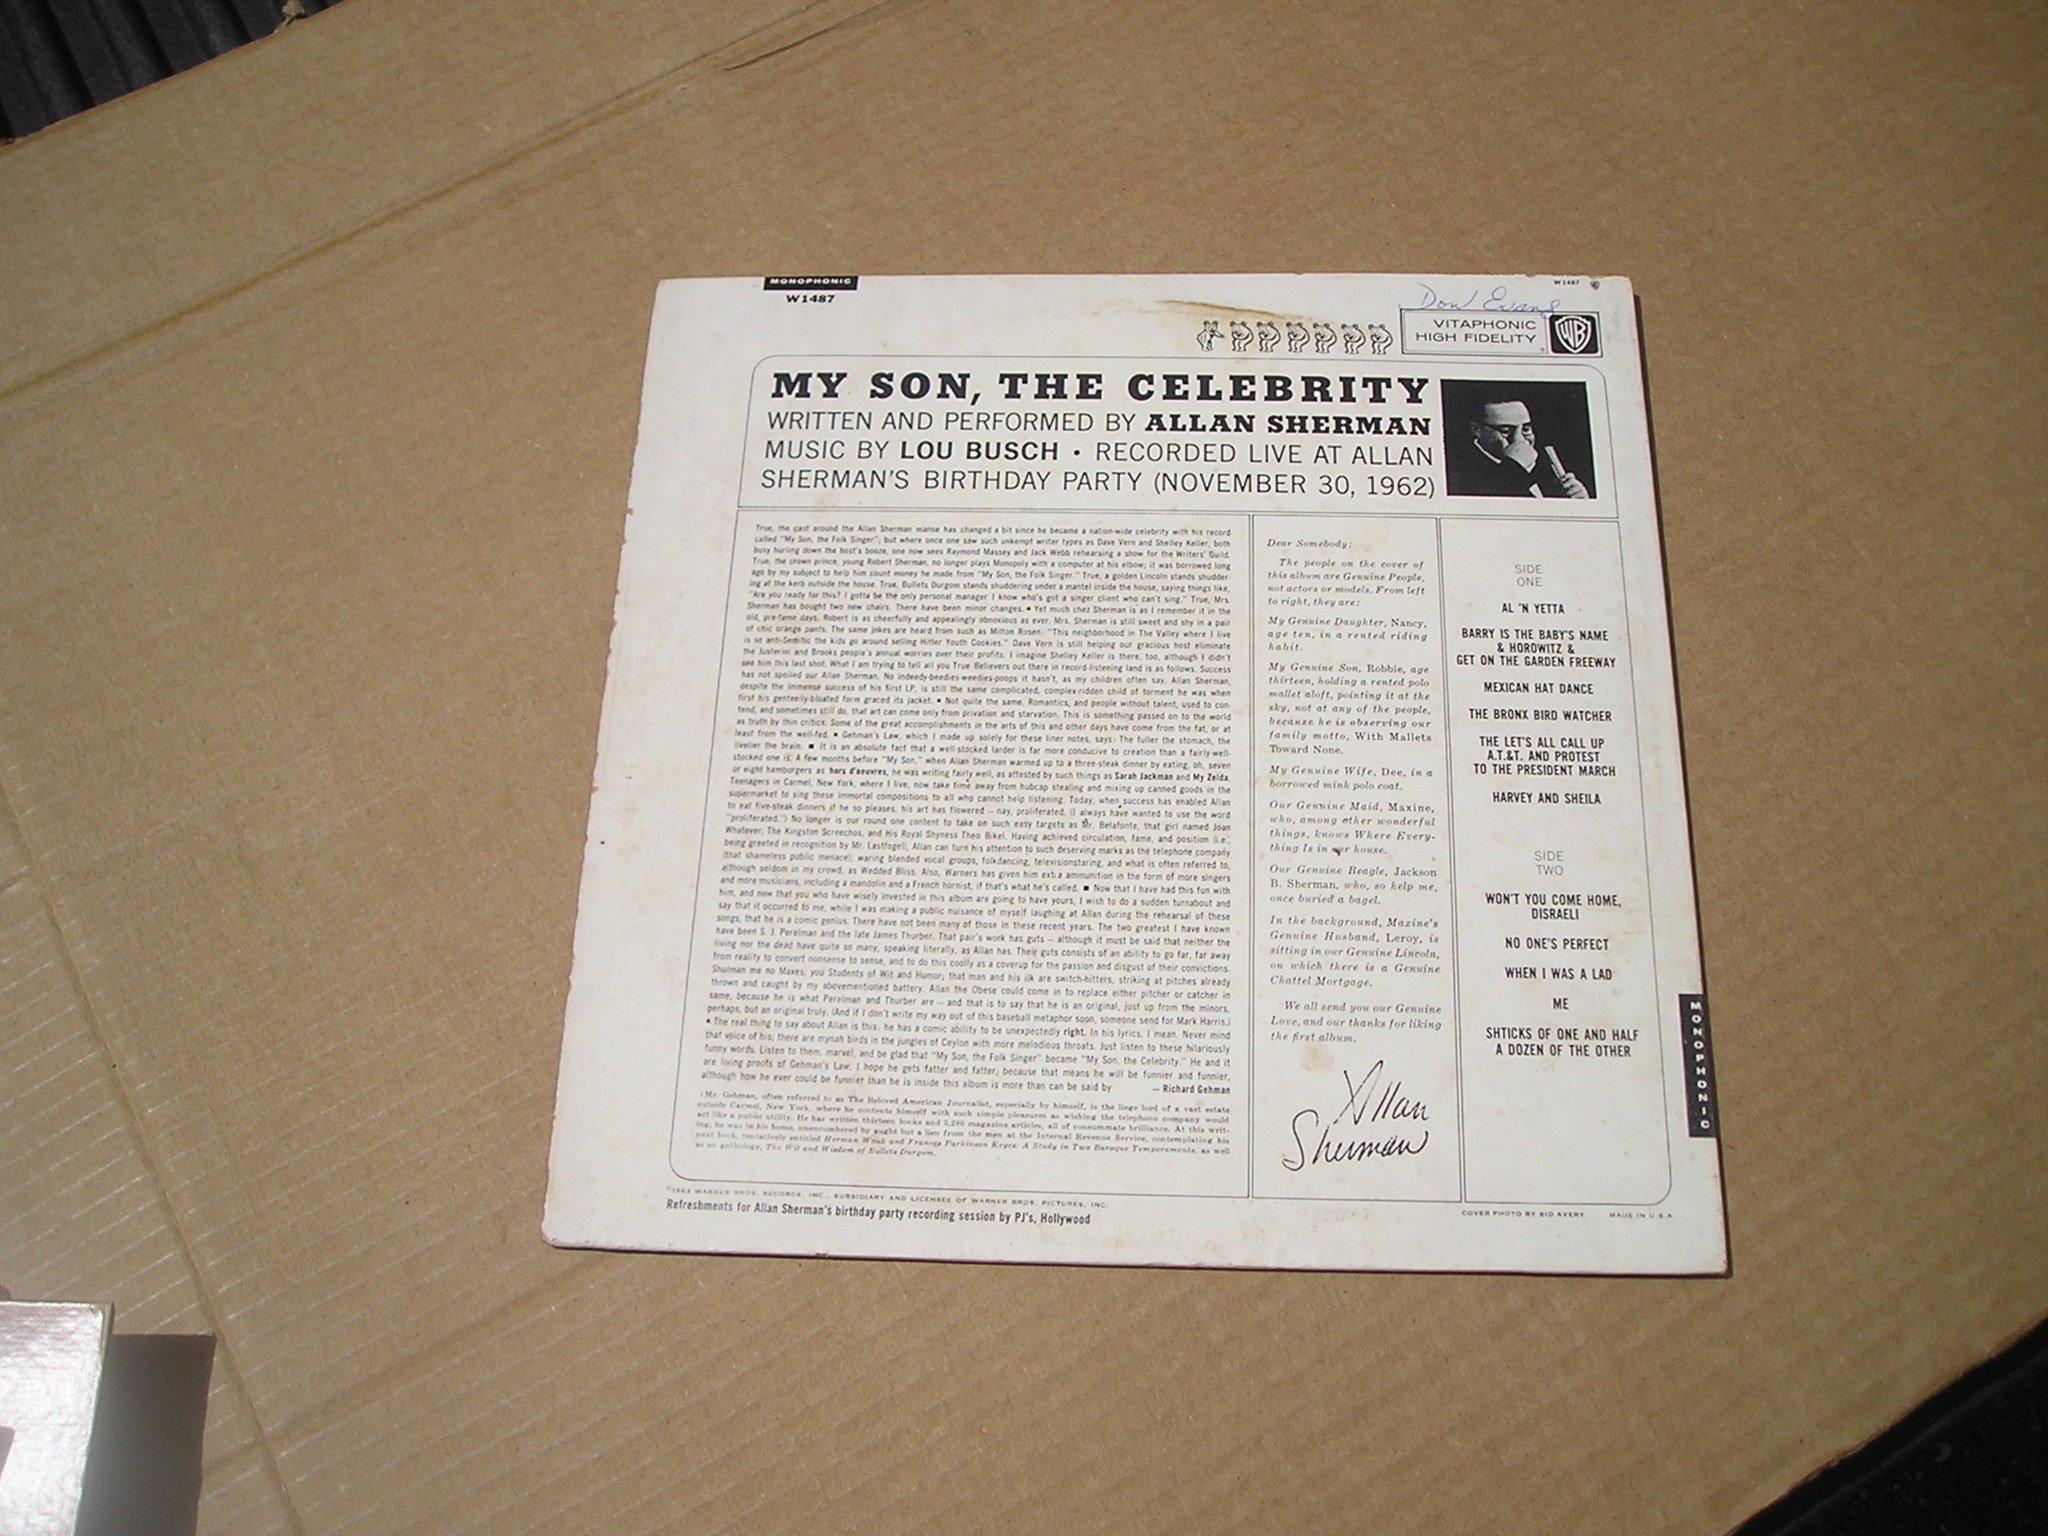 Allan Sherman: My Son, the Celebrity [Vinyl LP] [Mono]